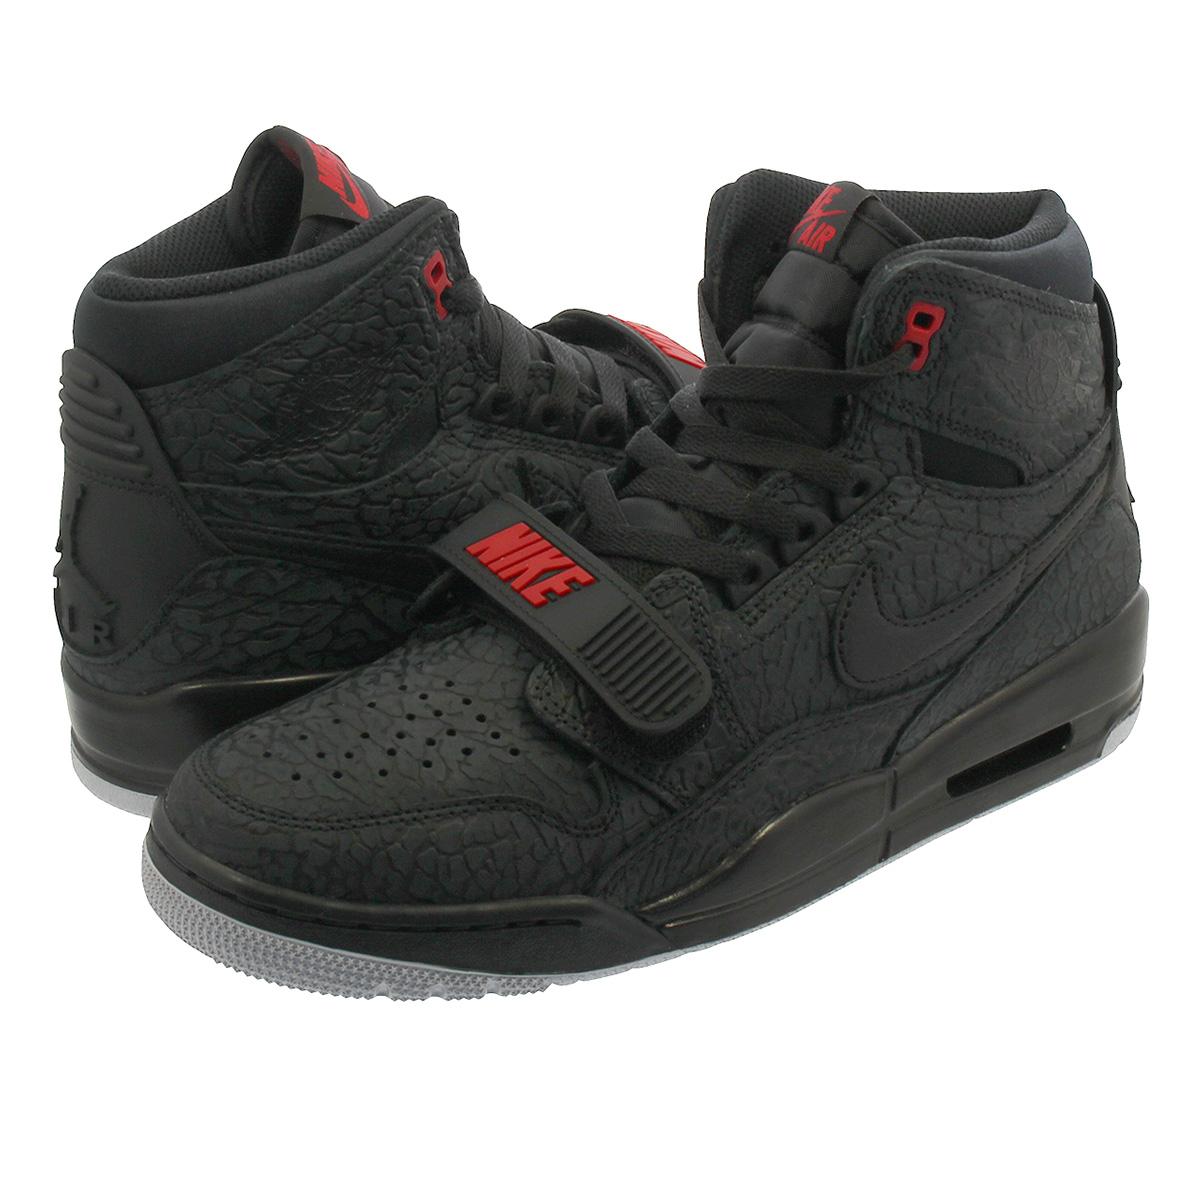 a657bd87f64 SELECT SHOP LOWTEX: NIKE AIR JORDAN LEGACY 312 Nike Air Jordan Legacy 312  BLACK/BLACK/VARSITY RED av3922-006 | Rakuten Global Market